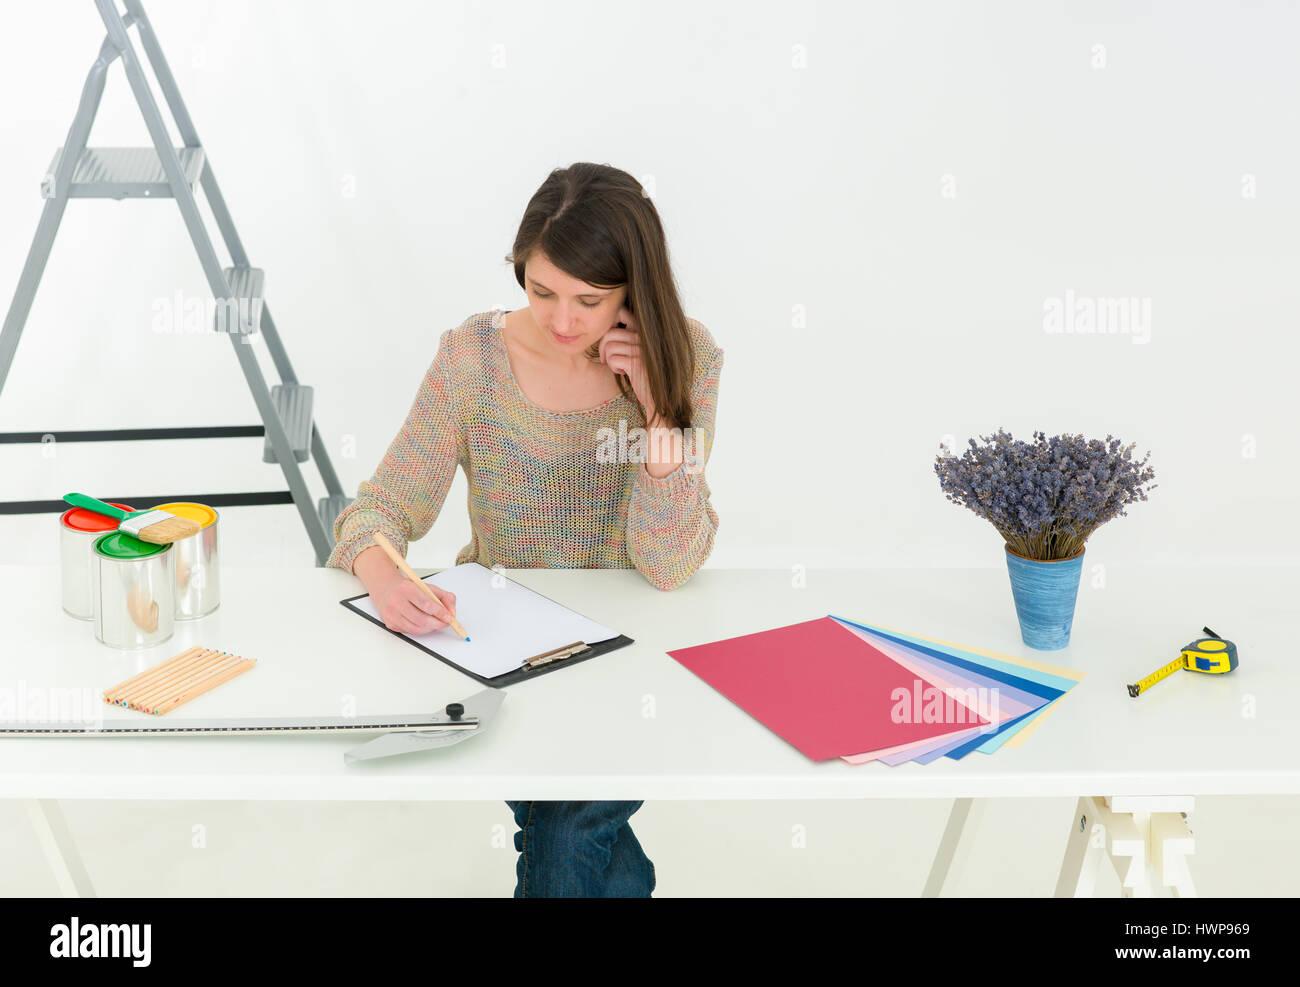 Kreative Menschen am Arbeitsplatz. Nahaufnahme der Brünette Junge Designer Frau mit Farbpalette am Schreibtisch Stockbild